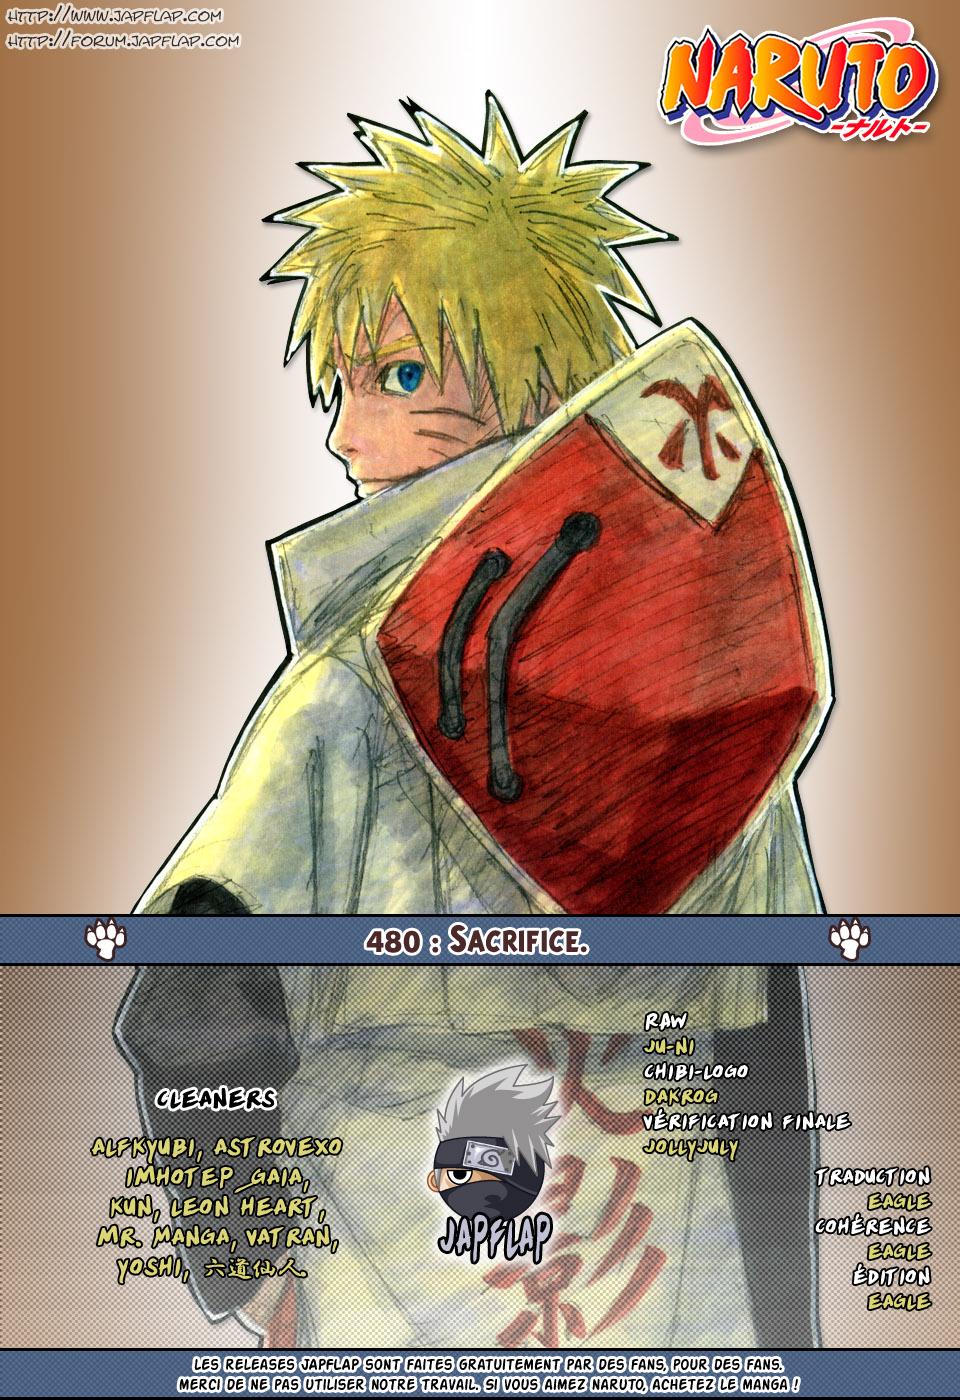 Naruto chapitre 480 - Page 16